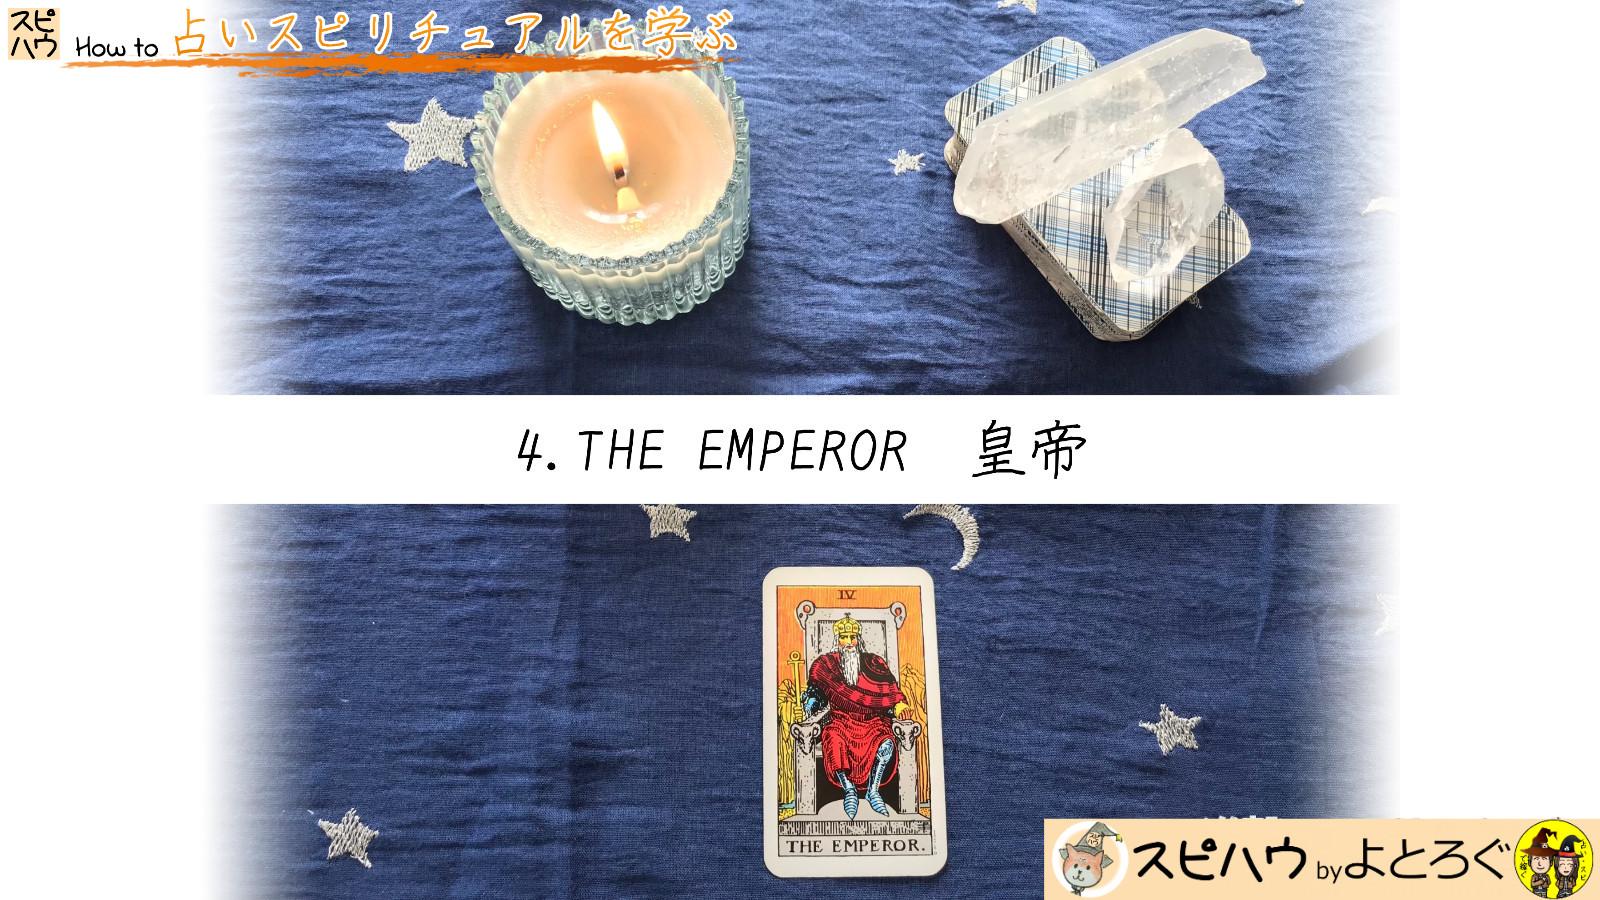 やるからにはトップを目指せ! 4.THE EMPEROR 皇帝のカード画像